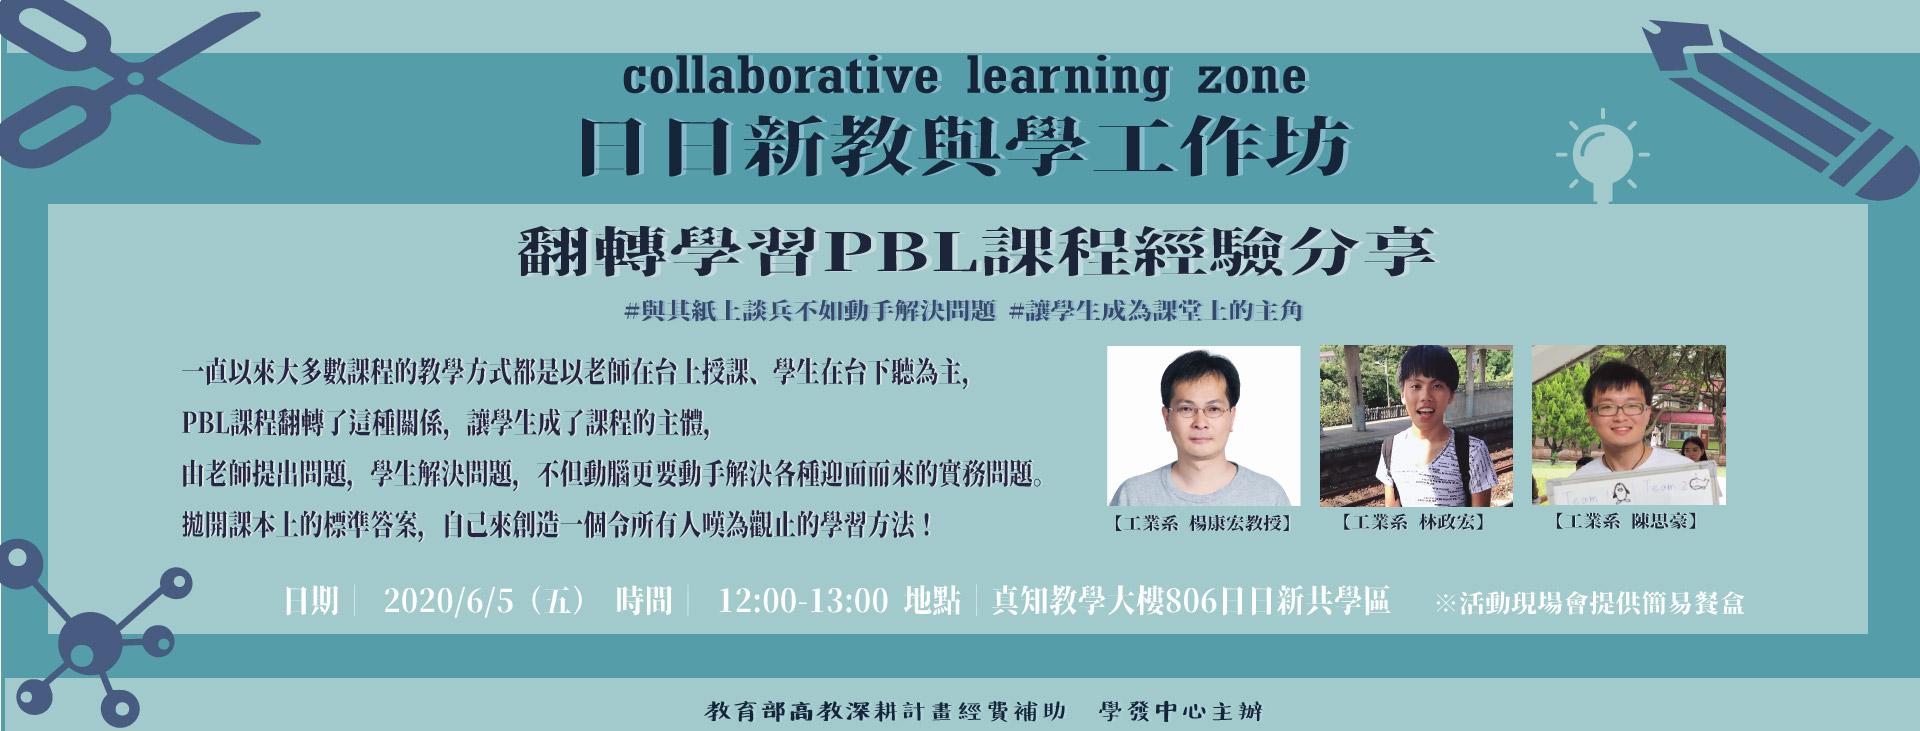 日日新教與學工作坊|6/5 翻轉學習PBL課程經驗分享